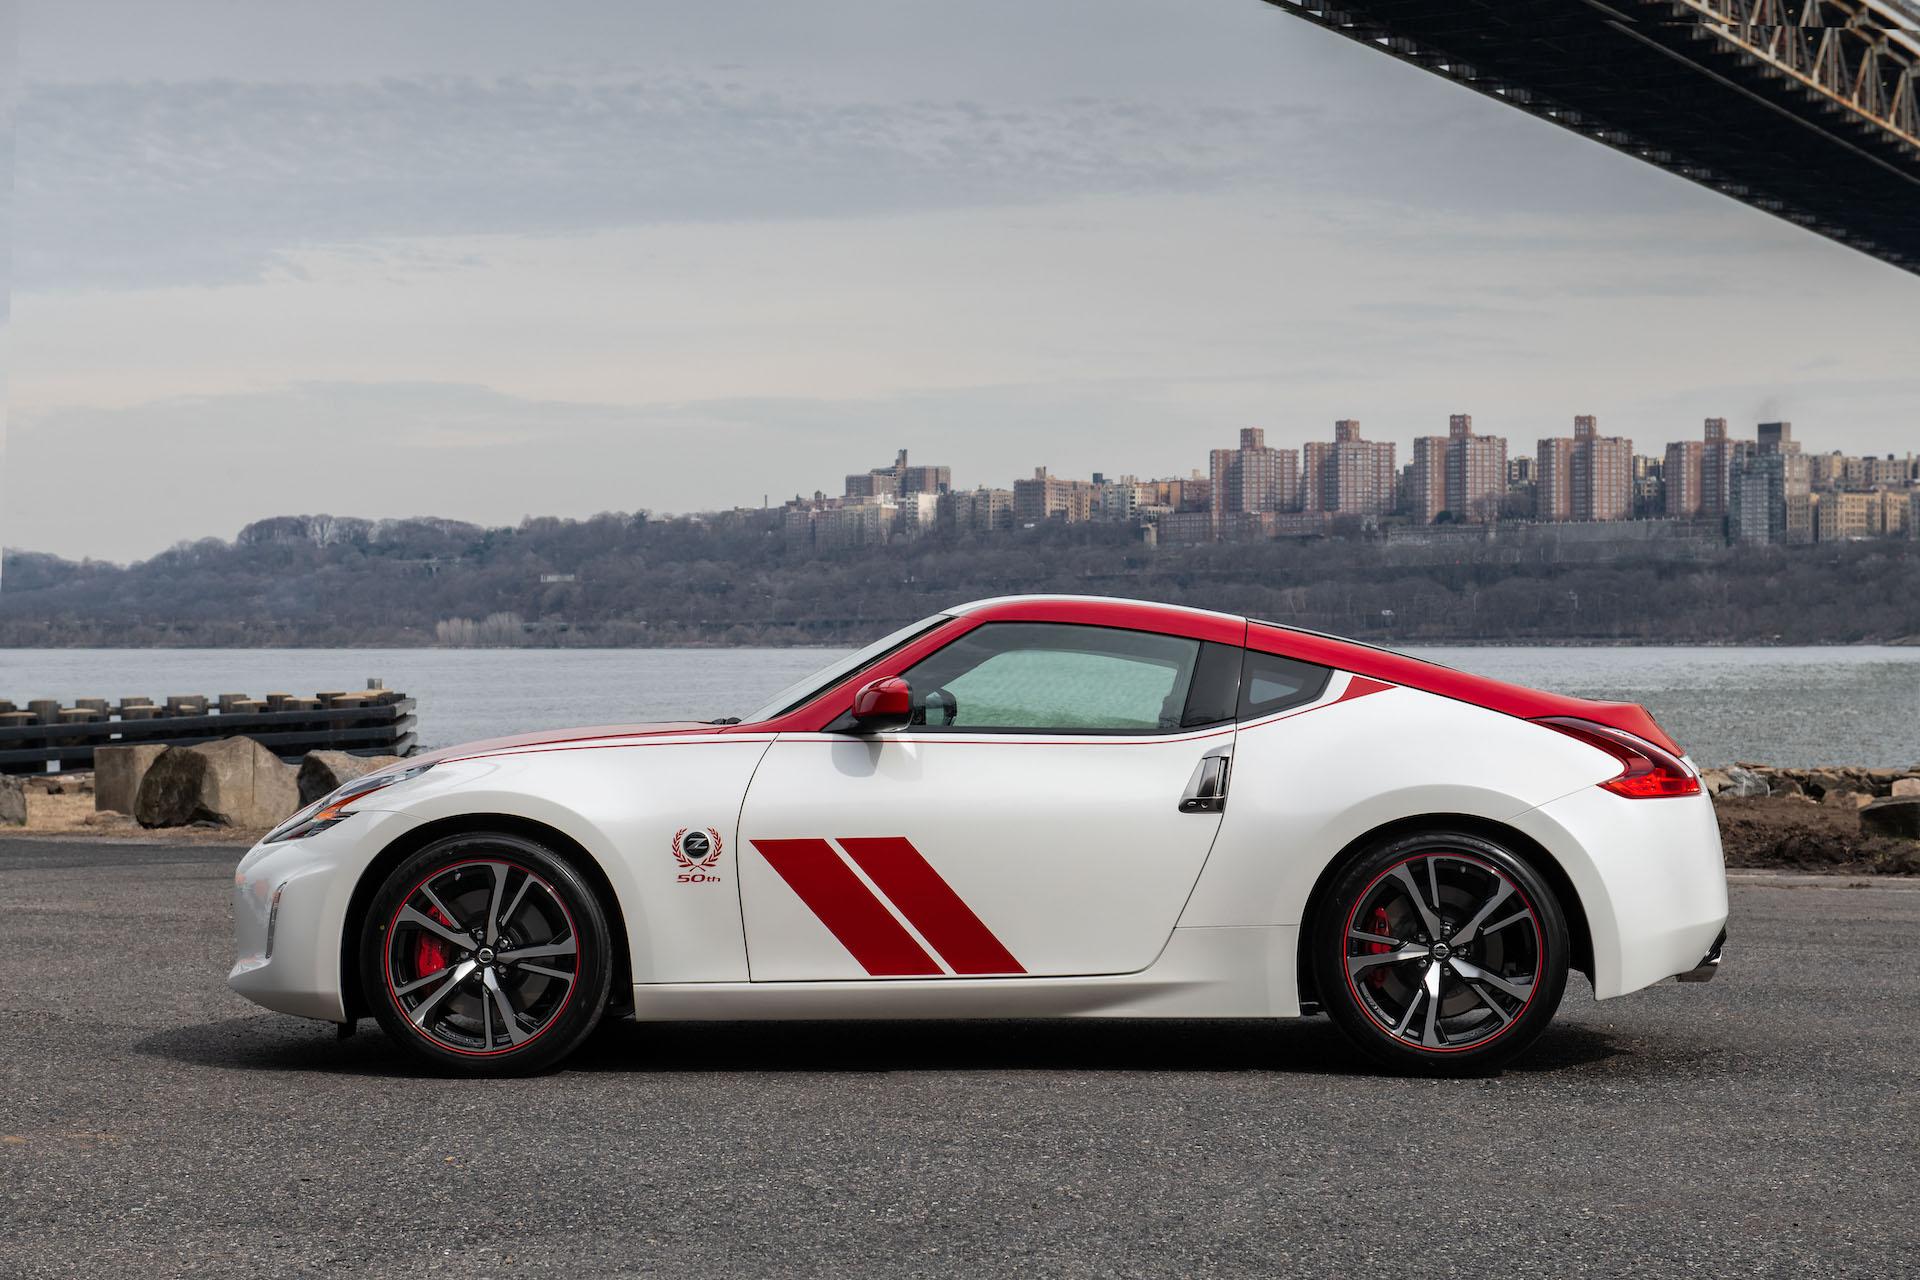 2020 Nissan Z Car Release Date